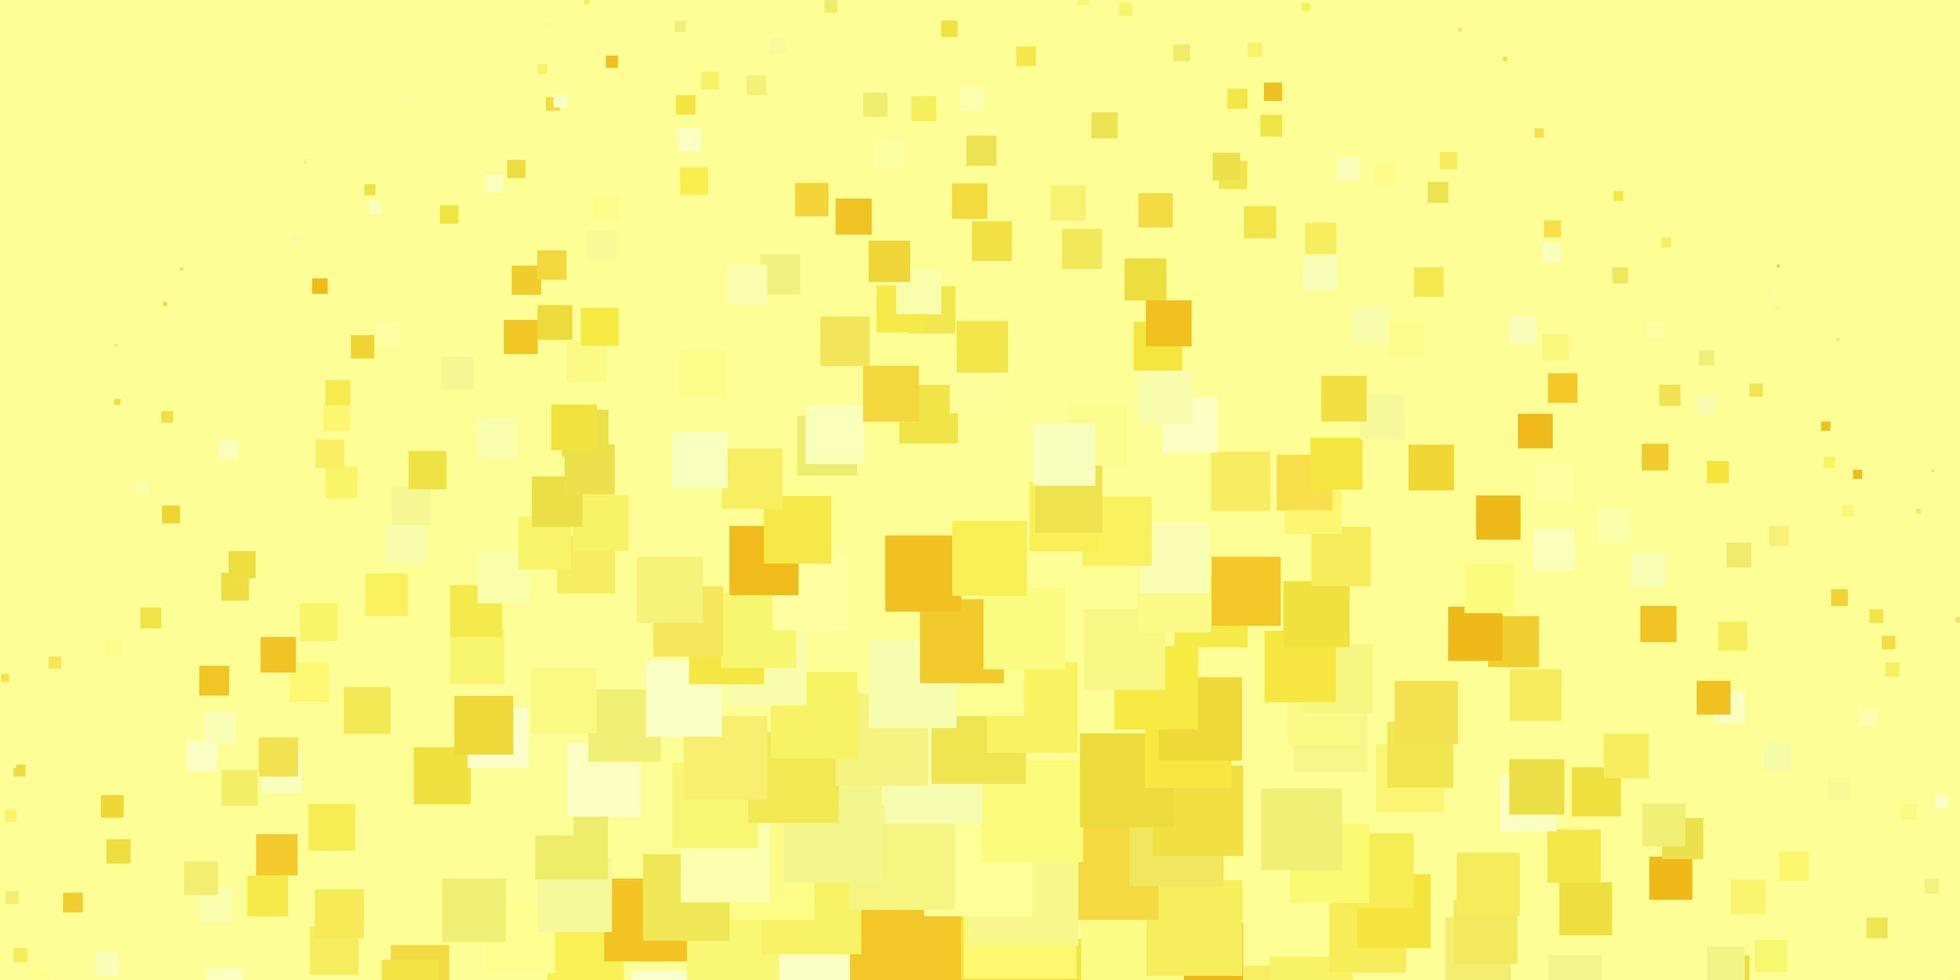 lichtgroene, gele vectorachtergrond in veelhoekige stijl. vector